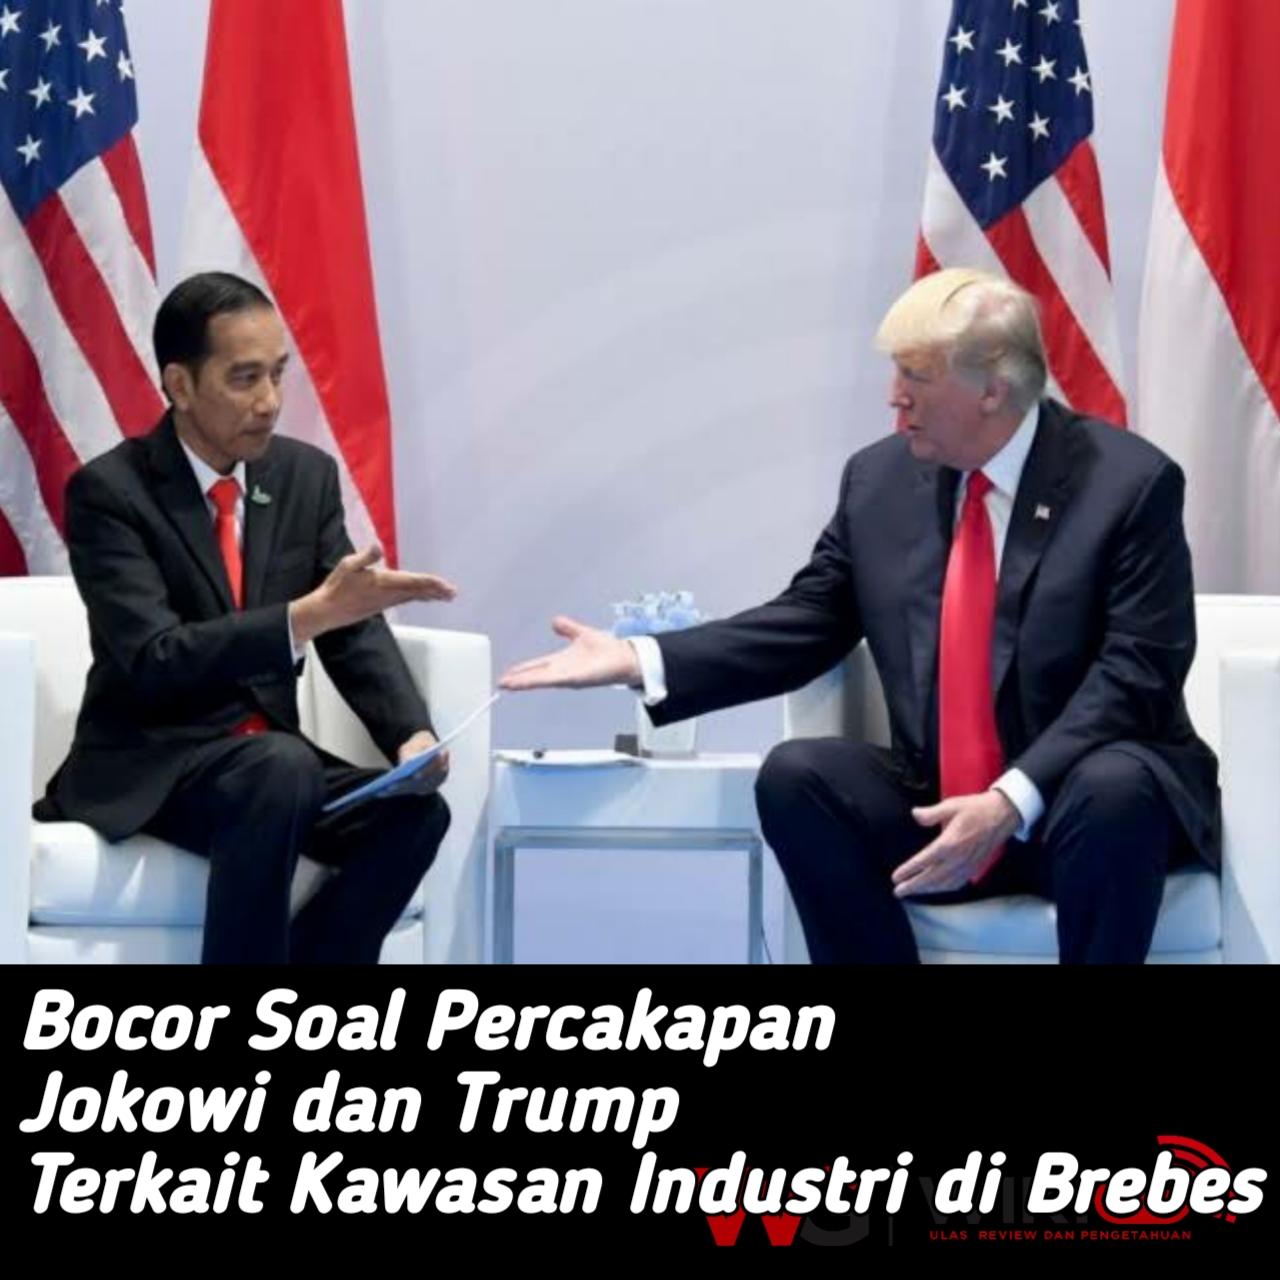 Bocor! Percakapan Jokowi Dan Trump Terkait Pabrik Ternyata di brebes